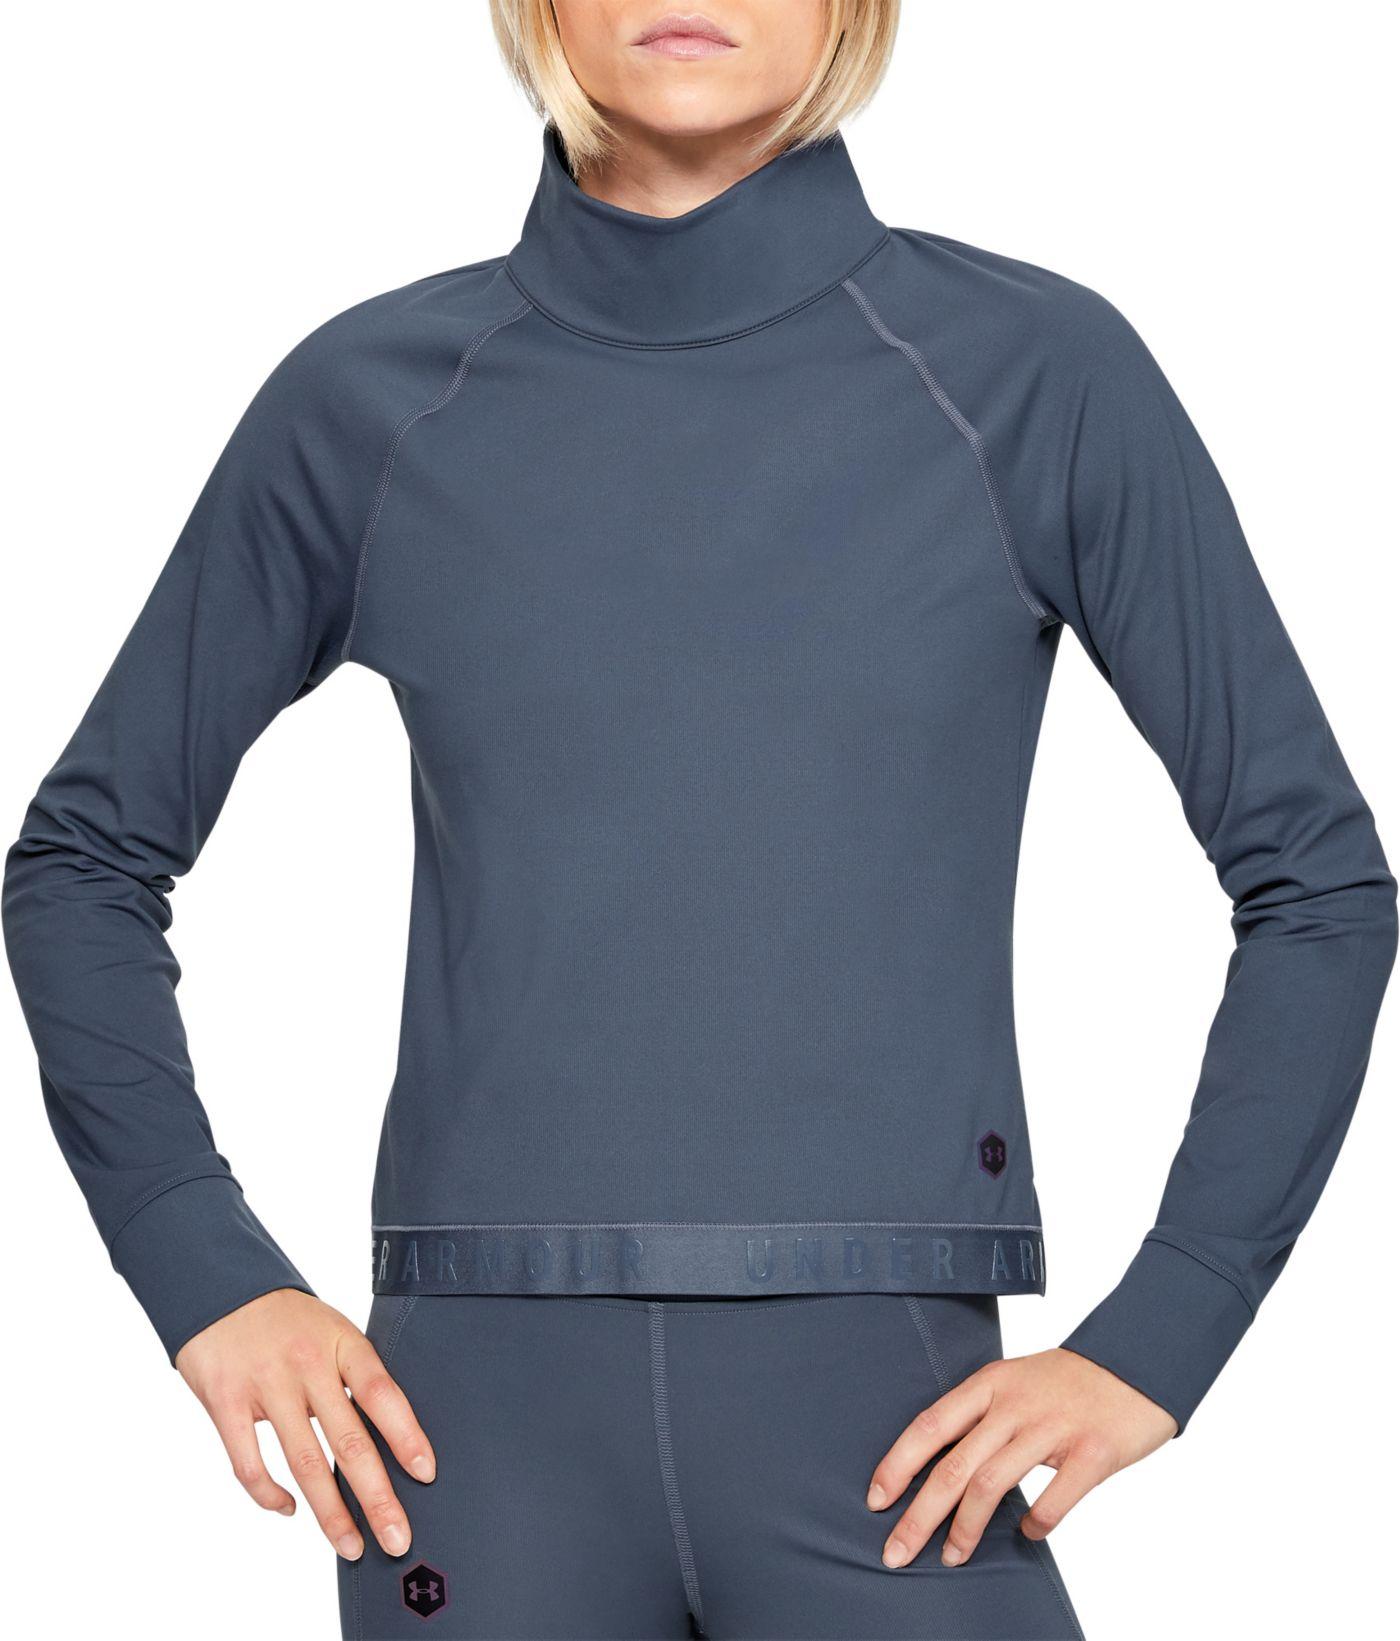 Under Armour Women's ColdGear Rush Long Sleeve Shirt